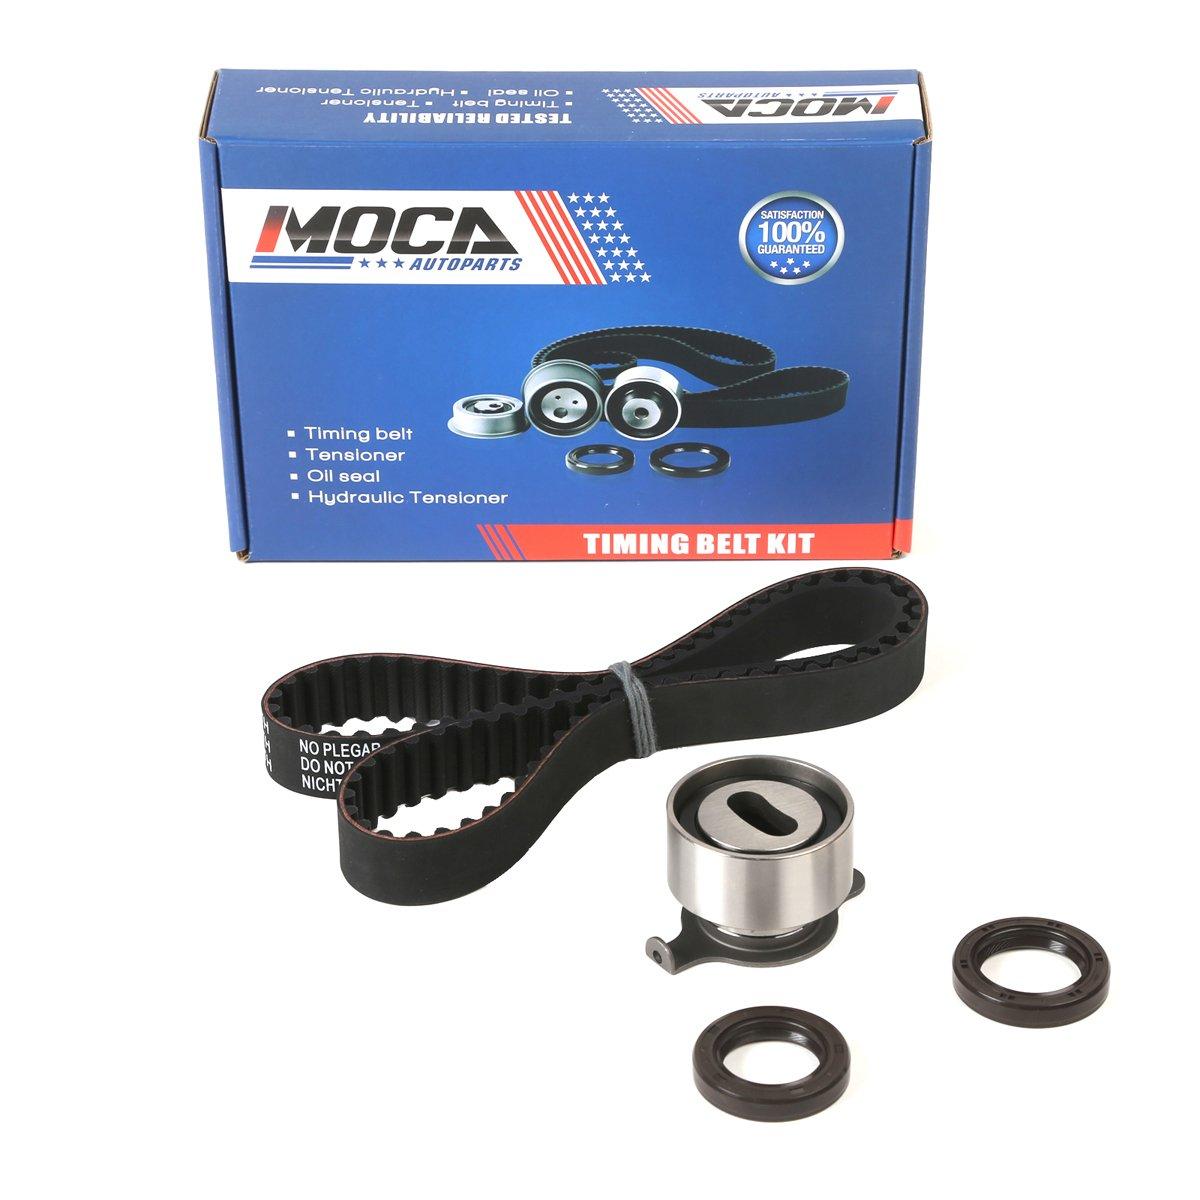 Moca Timing Belt Kit With Tensioner Fit 88 91 Honda Mitsubishi Civic Crx Si Ex 16l 16v Sohc D16a6tck145 Automotive